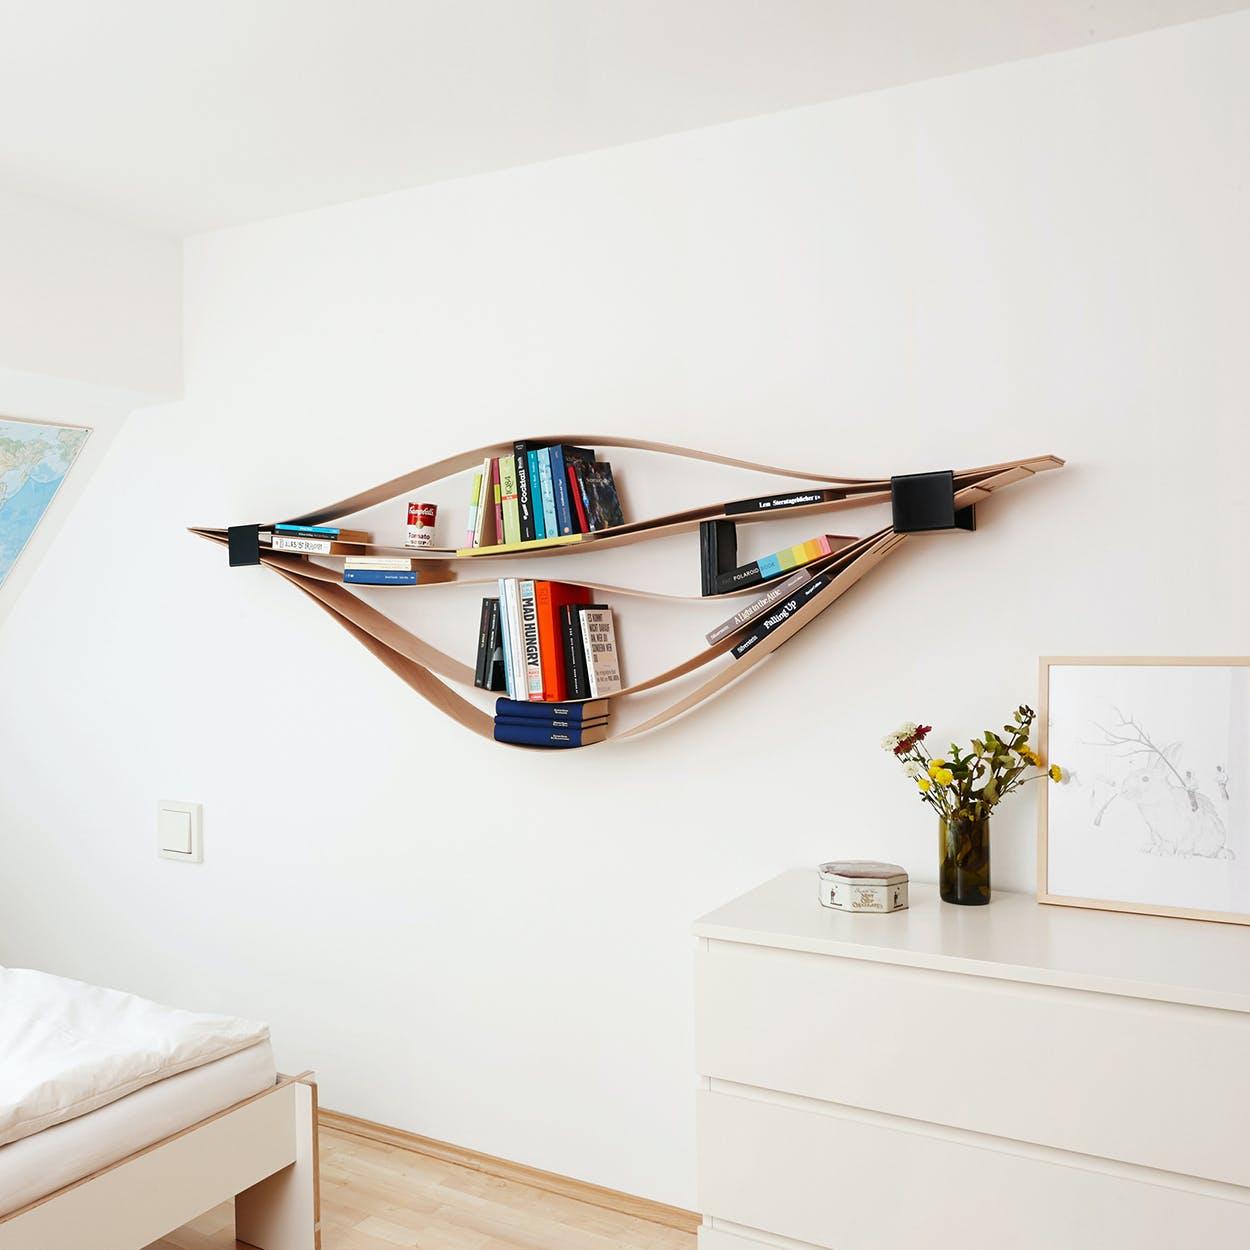 Chuck Wooden Flexible Wall Shelf in Black